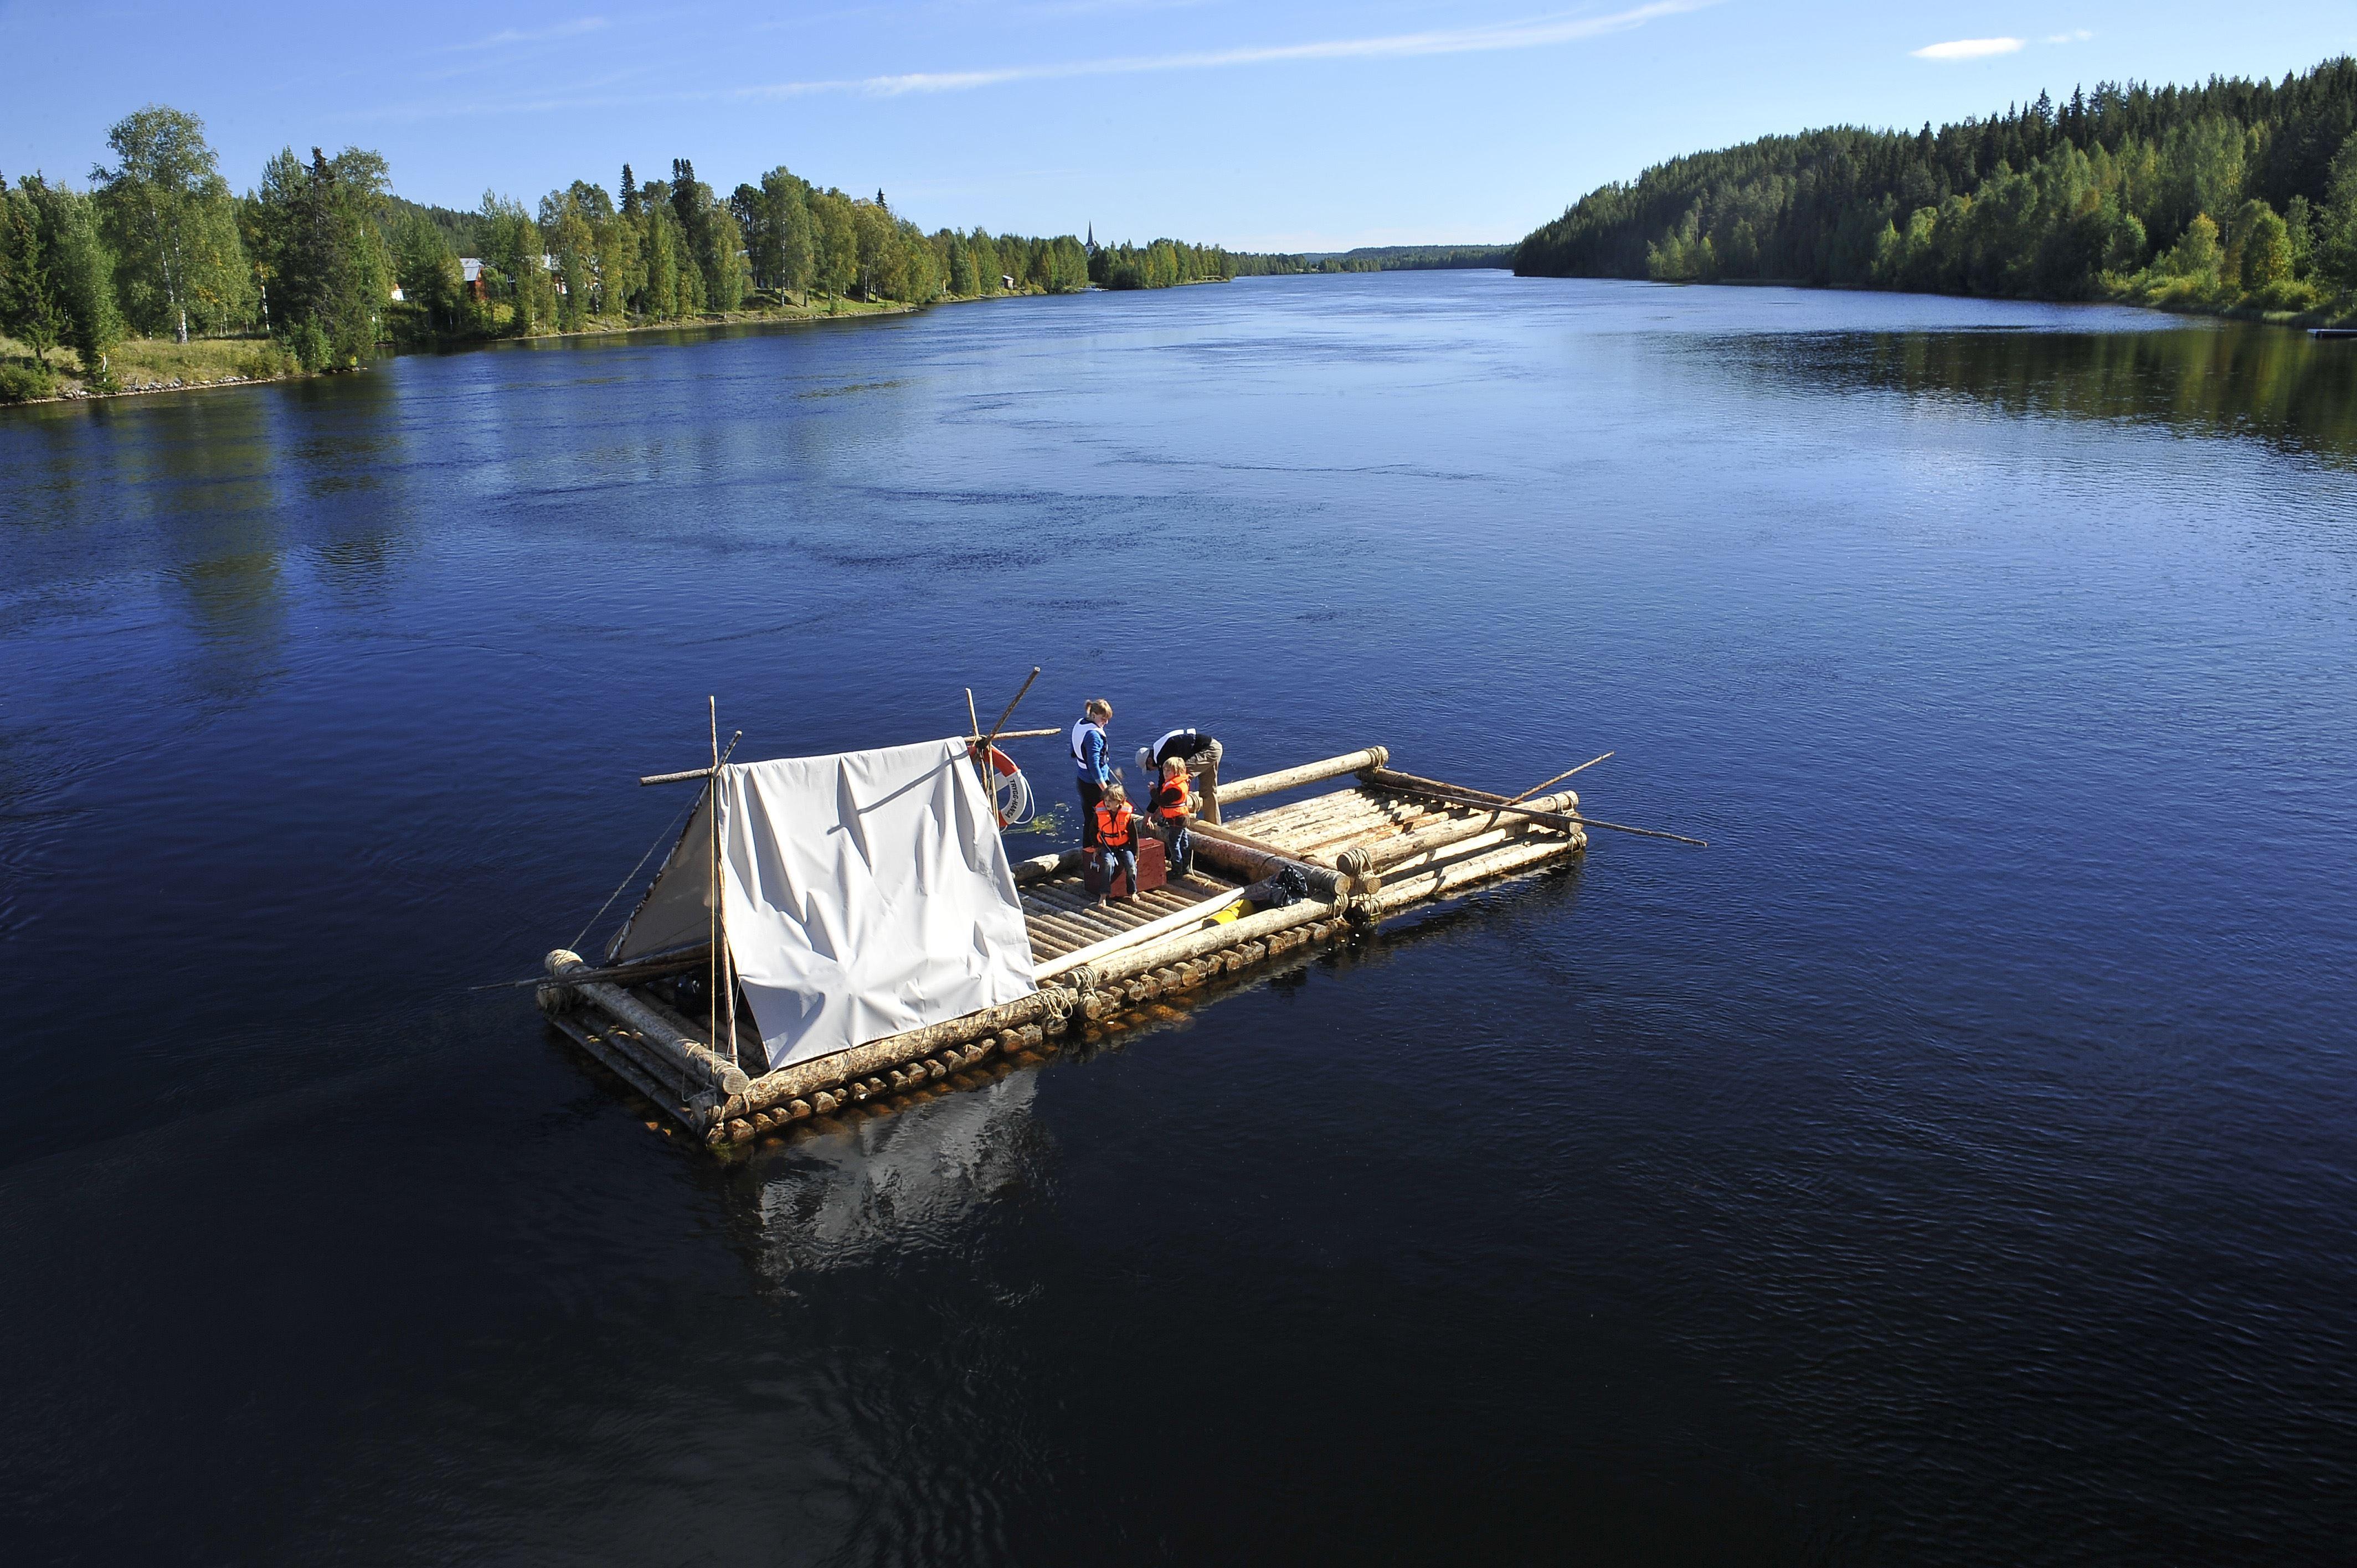 © Granö Beckasin, Granö Beckasin Eco Hotel